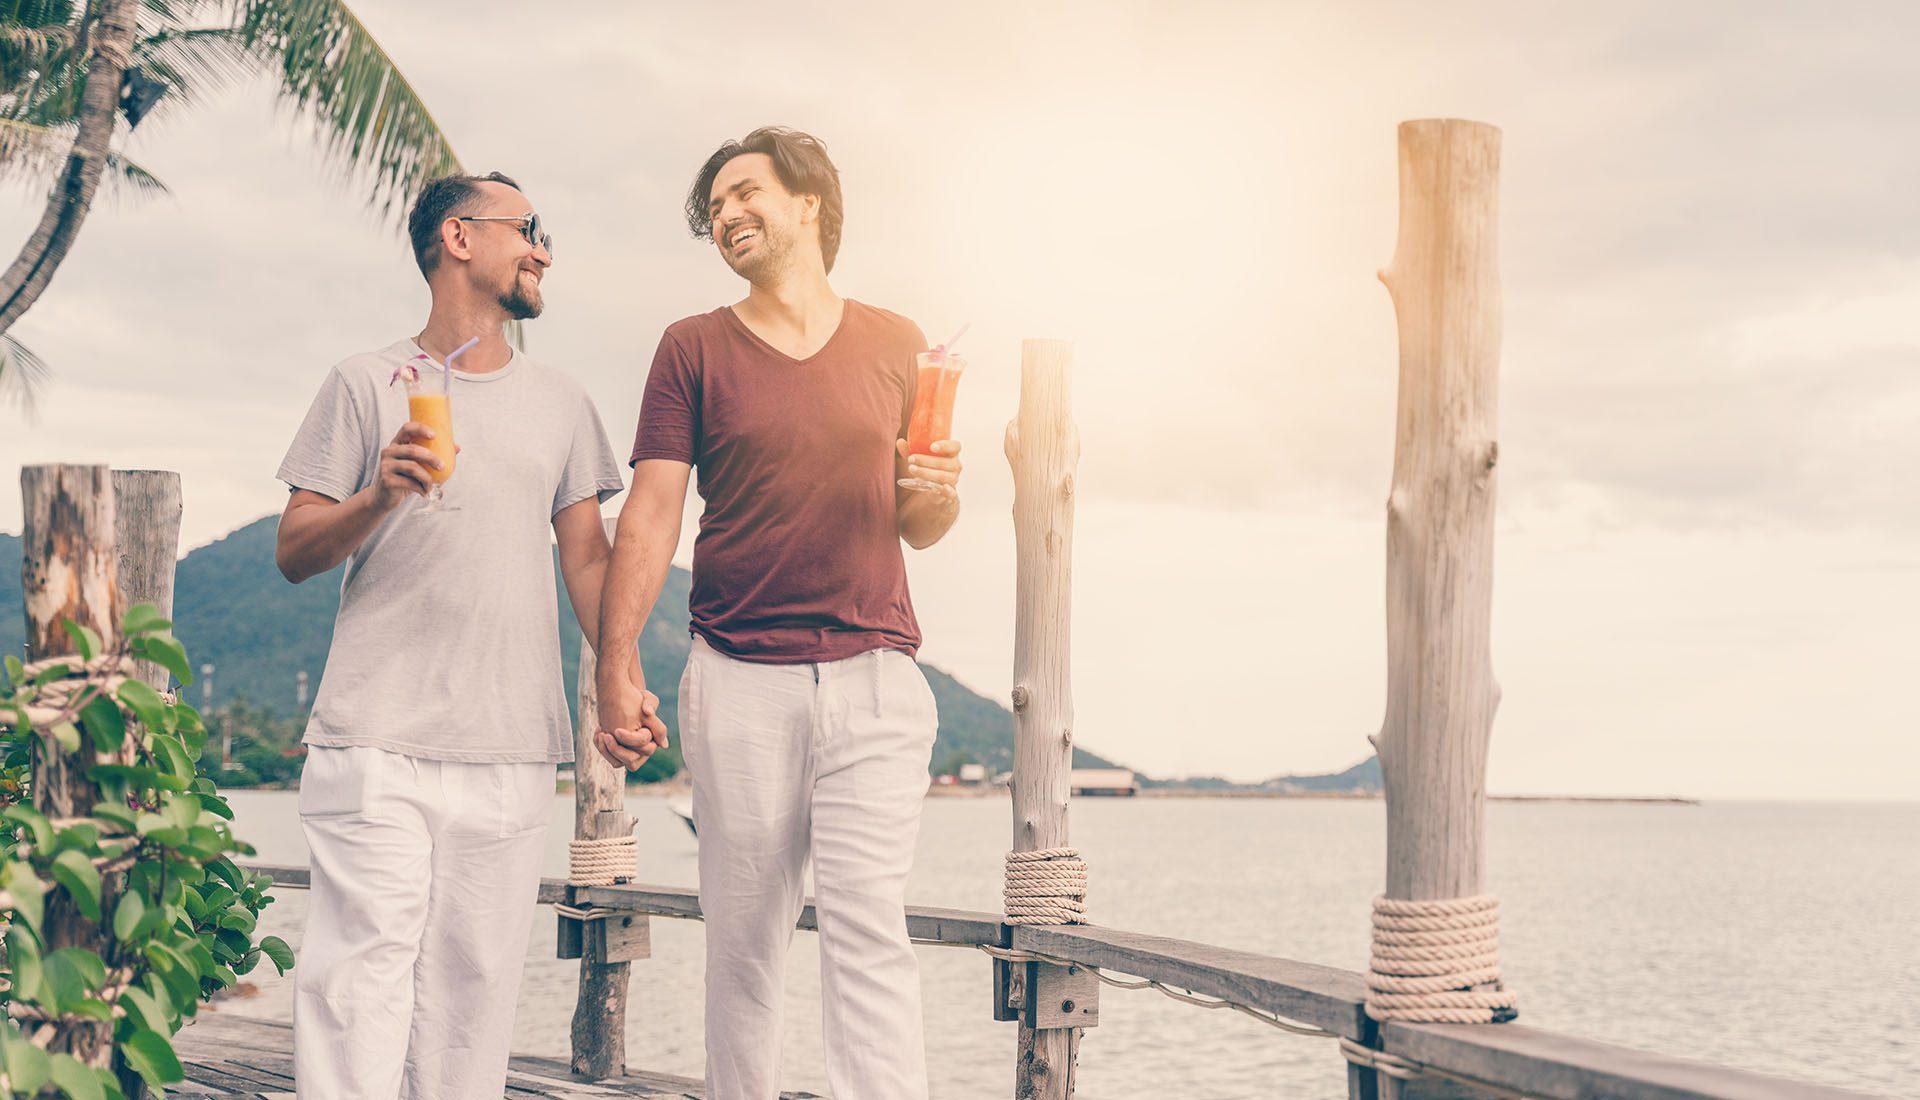 Le tourisme gay est-il encore considéré comme un marché privilégié pour l'île de Grande Canarie ?